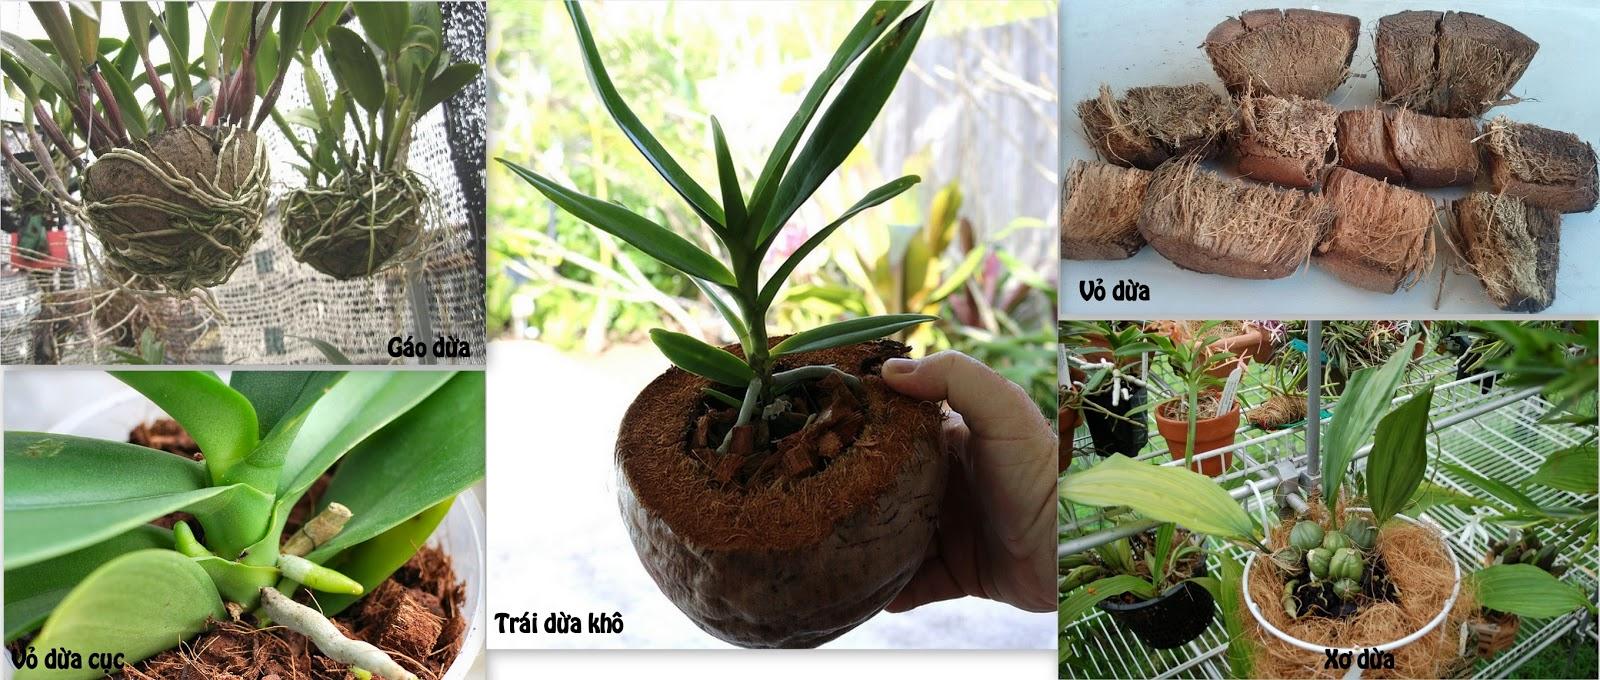 Quả dừa trồng lan